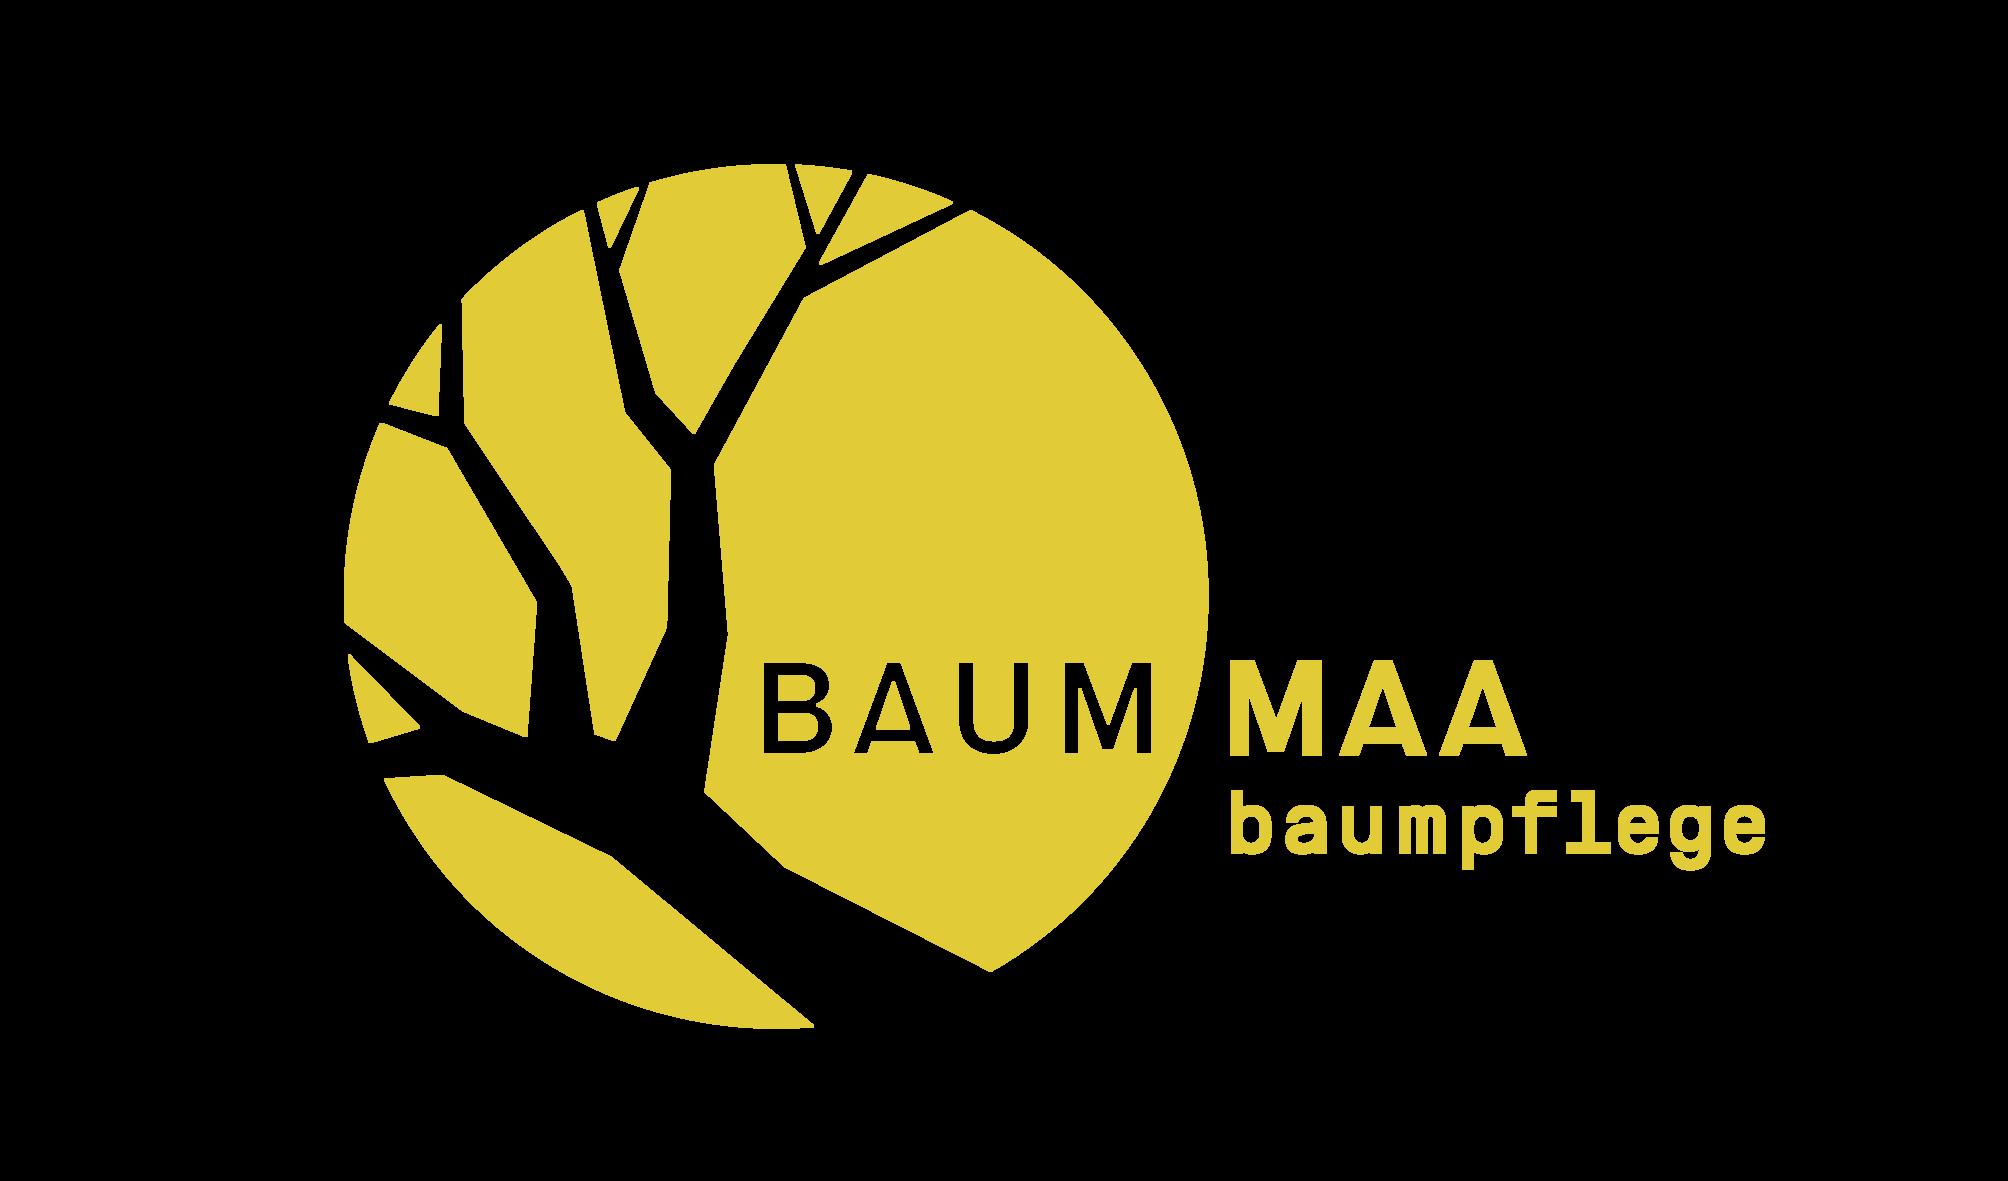 Baummaa Baumpflege